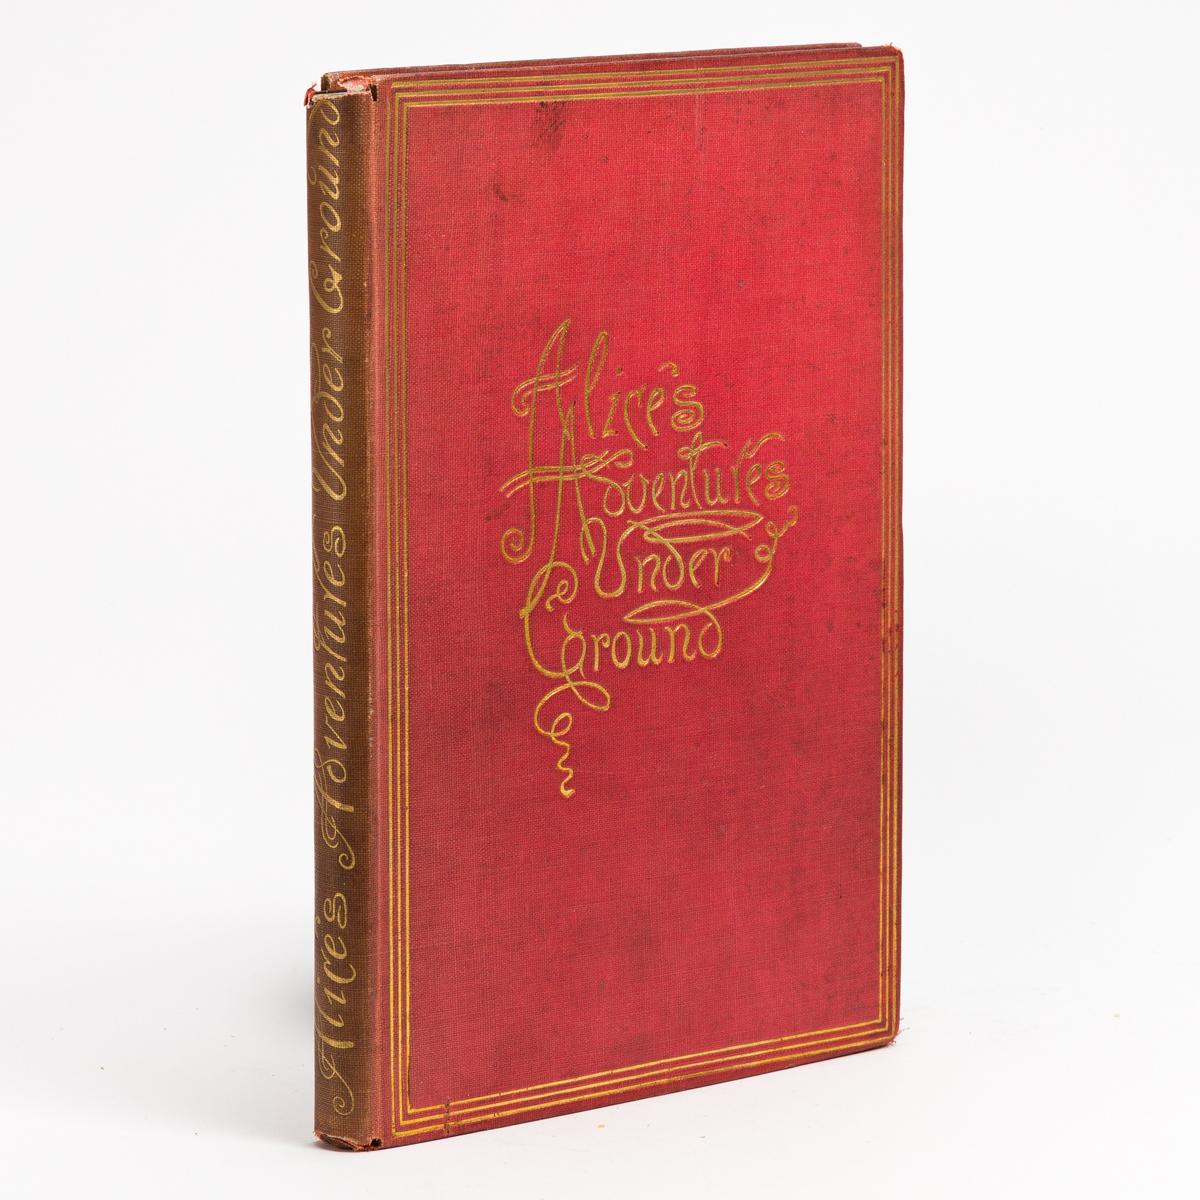 (CHILDRENS LITERATURE.) CARROLL, LEWIS. Alices Adventures Under Ground.